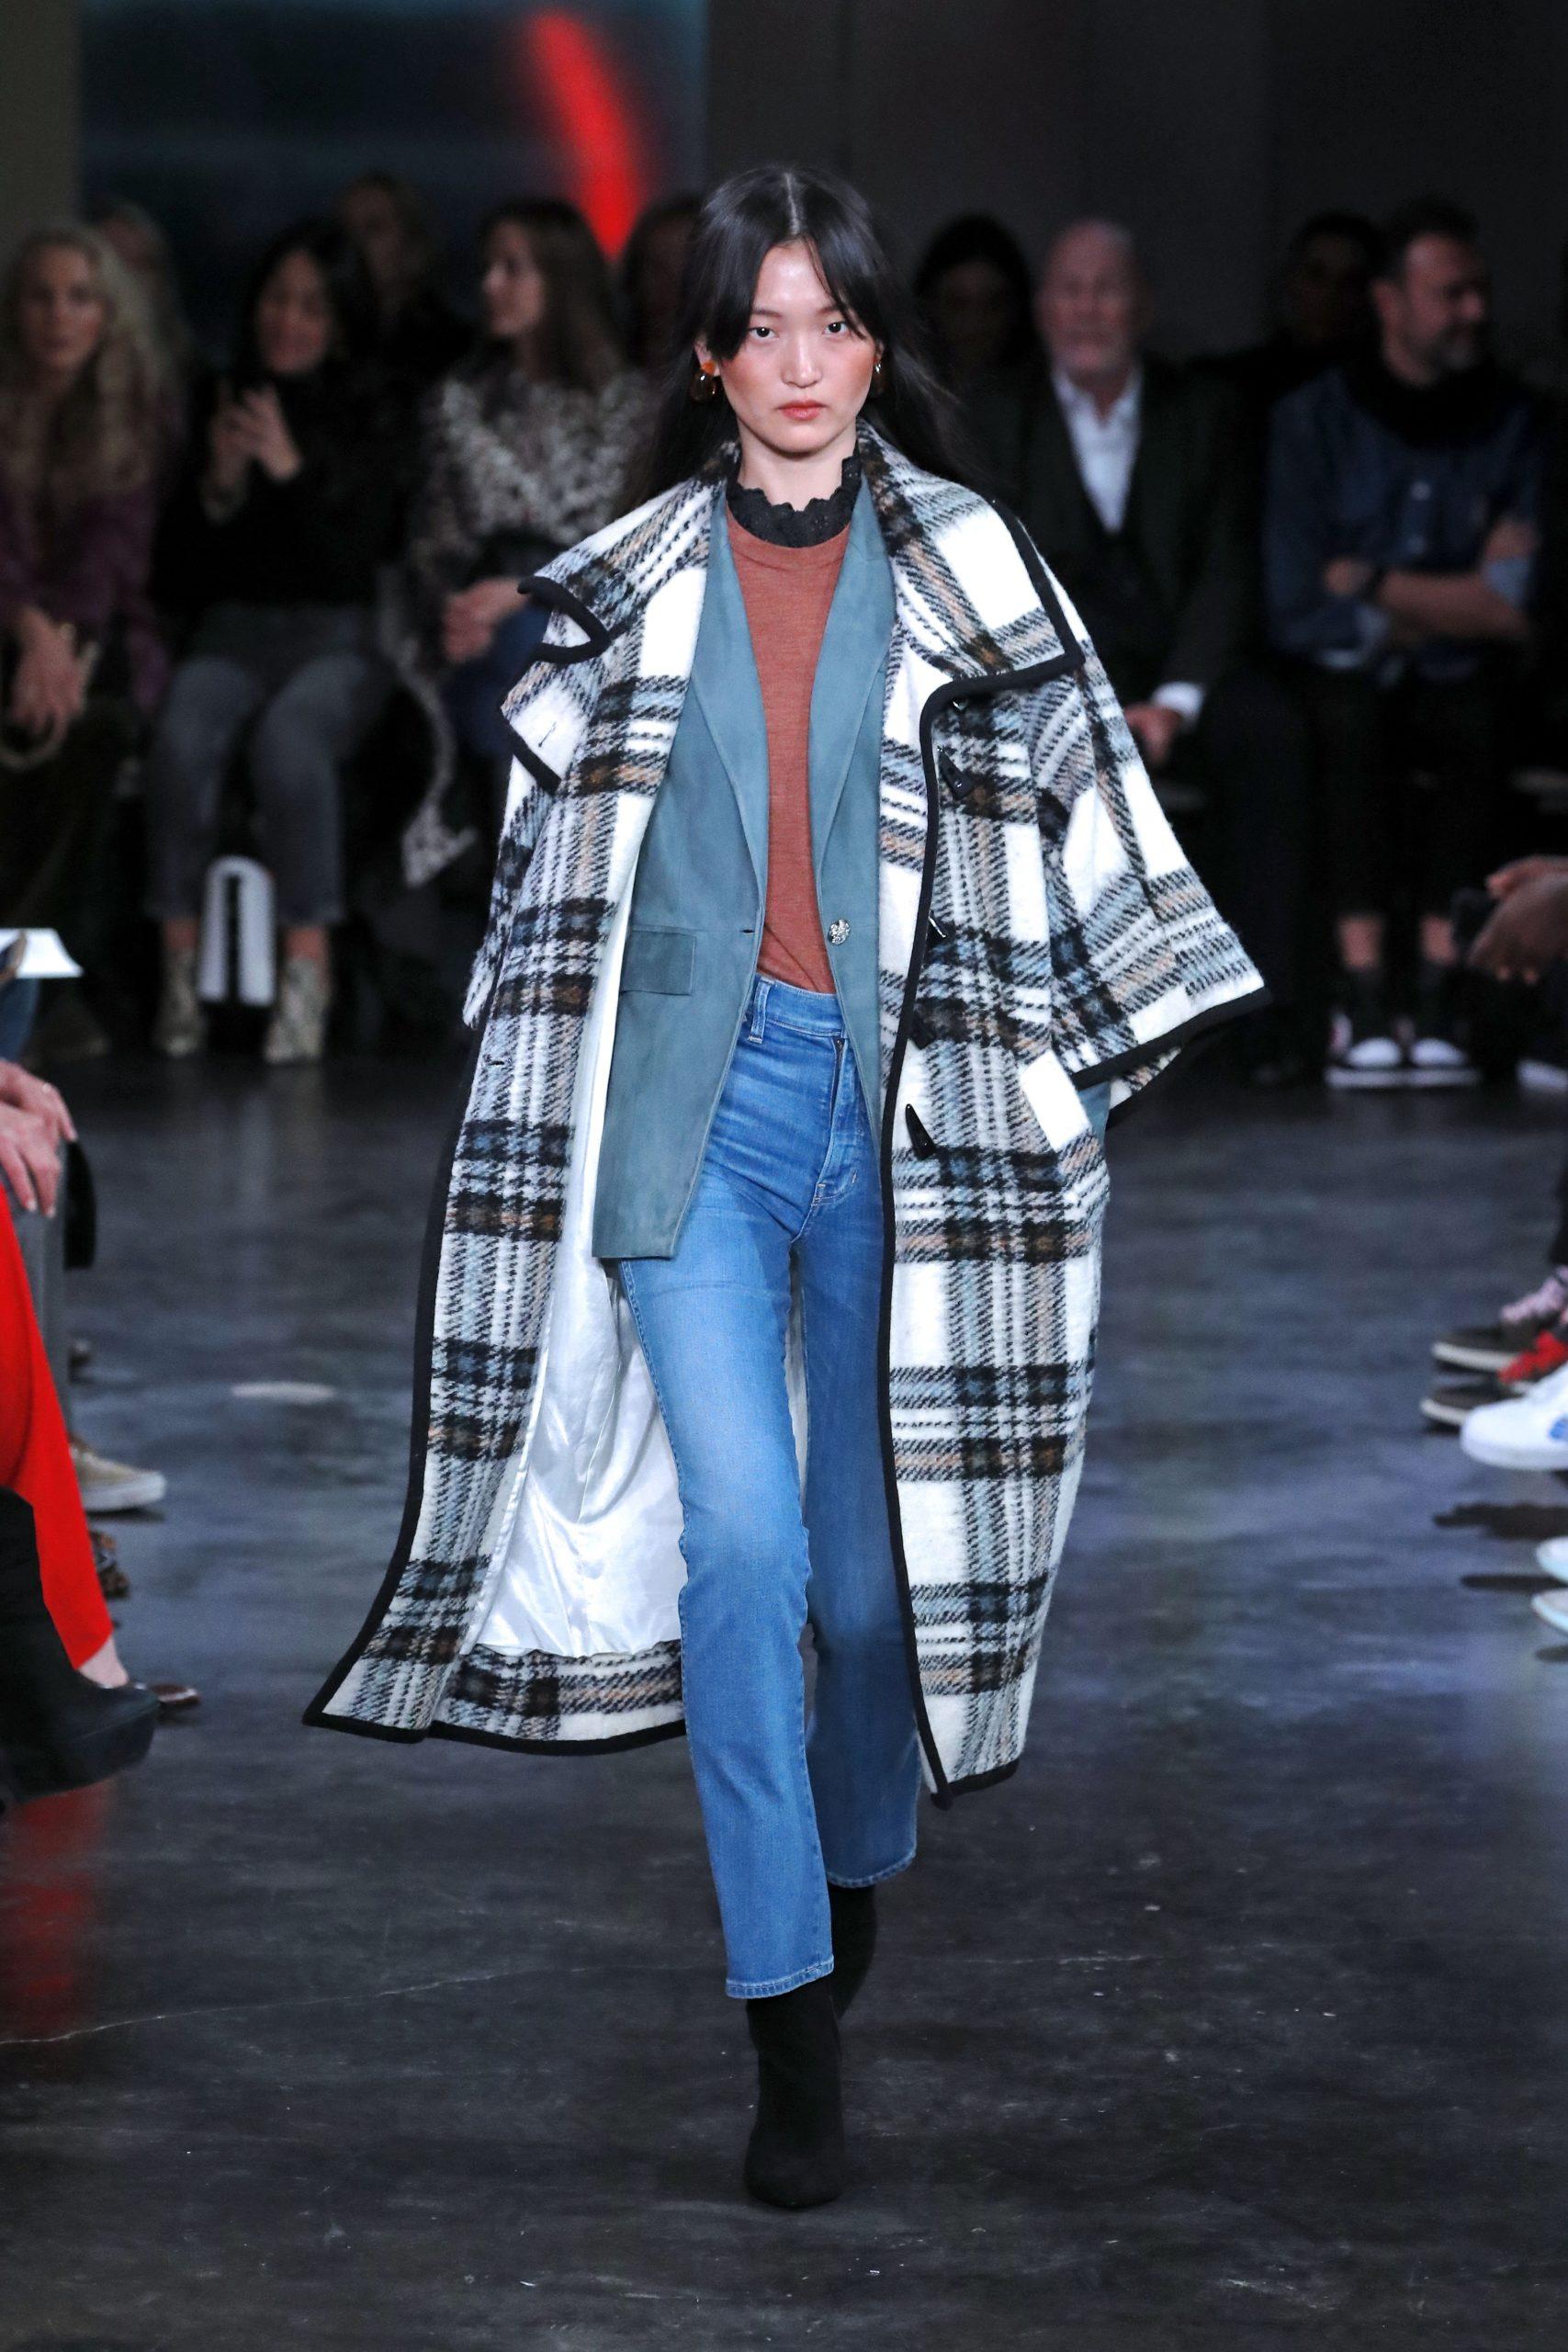 модное пальто осень 2020 в клетку крупную черно-белая